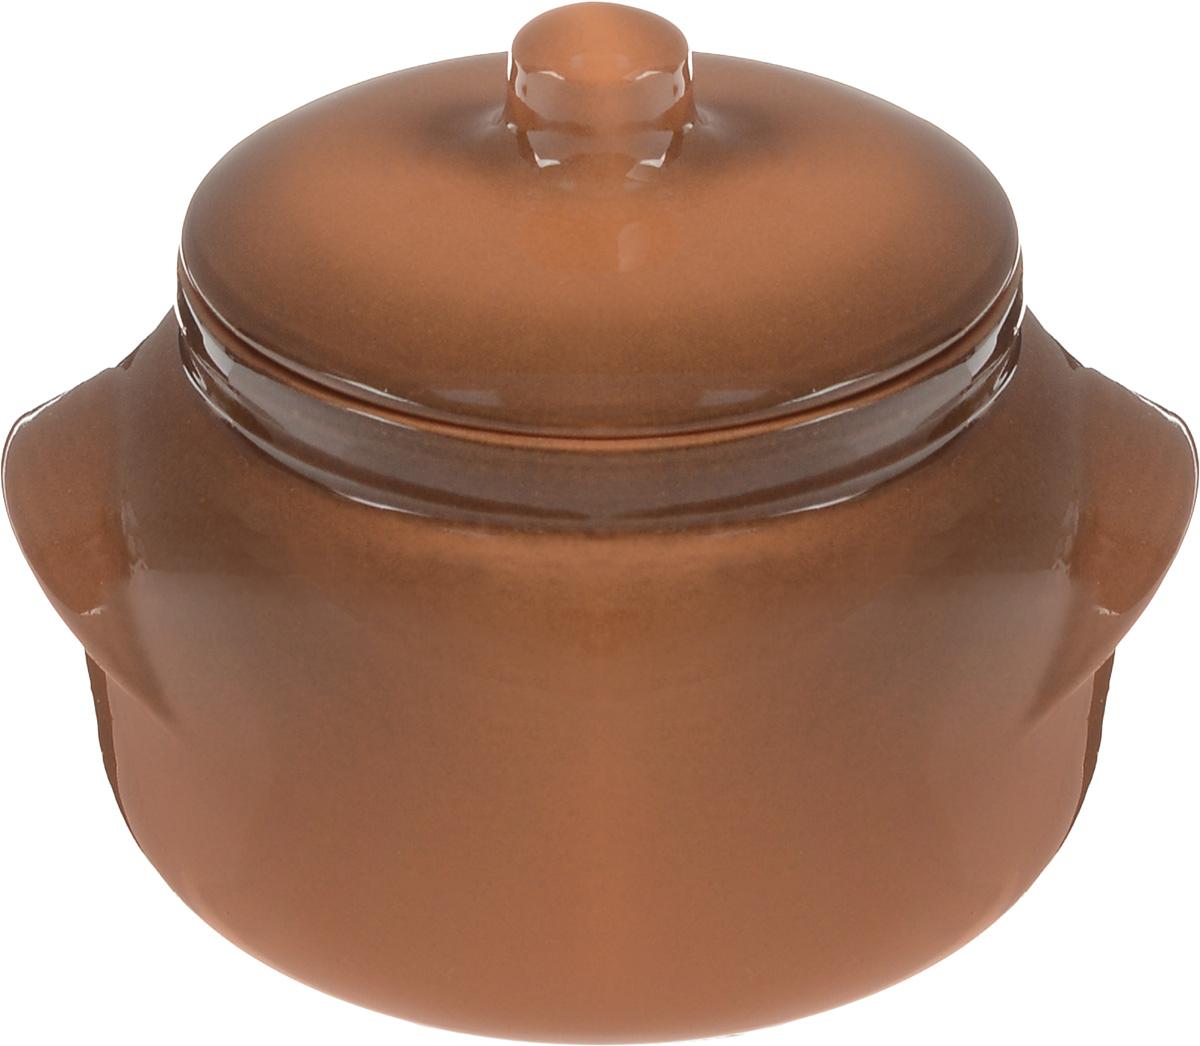 Горшок для запекания Борисовская керамика Новарусса, цвет: коричневый, 500 млОБЧ00000905Горшок для запекания Борисовская керамика Новарусса с крышкой выполнен из высококачественной керамики. Уникальные свойства красной глины и толстые стенки изделия обеспечивают эффект русской печи при приготовлении блюд. Блюда, приготовленные в керамическом горшке, получаются нежными и сочными. Вы сможете приготовить мясо, сделать томленые овощи и все это без капли масла. Это один из самых здоровых способов приготовления пищи. Можно использовать в духовке и микроволновой печи. Диаметр горшка (по верхнему краю): 10 см. Высота стенок: 8 см. Объем: 500 мл.